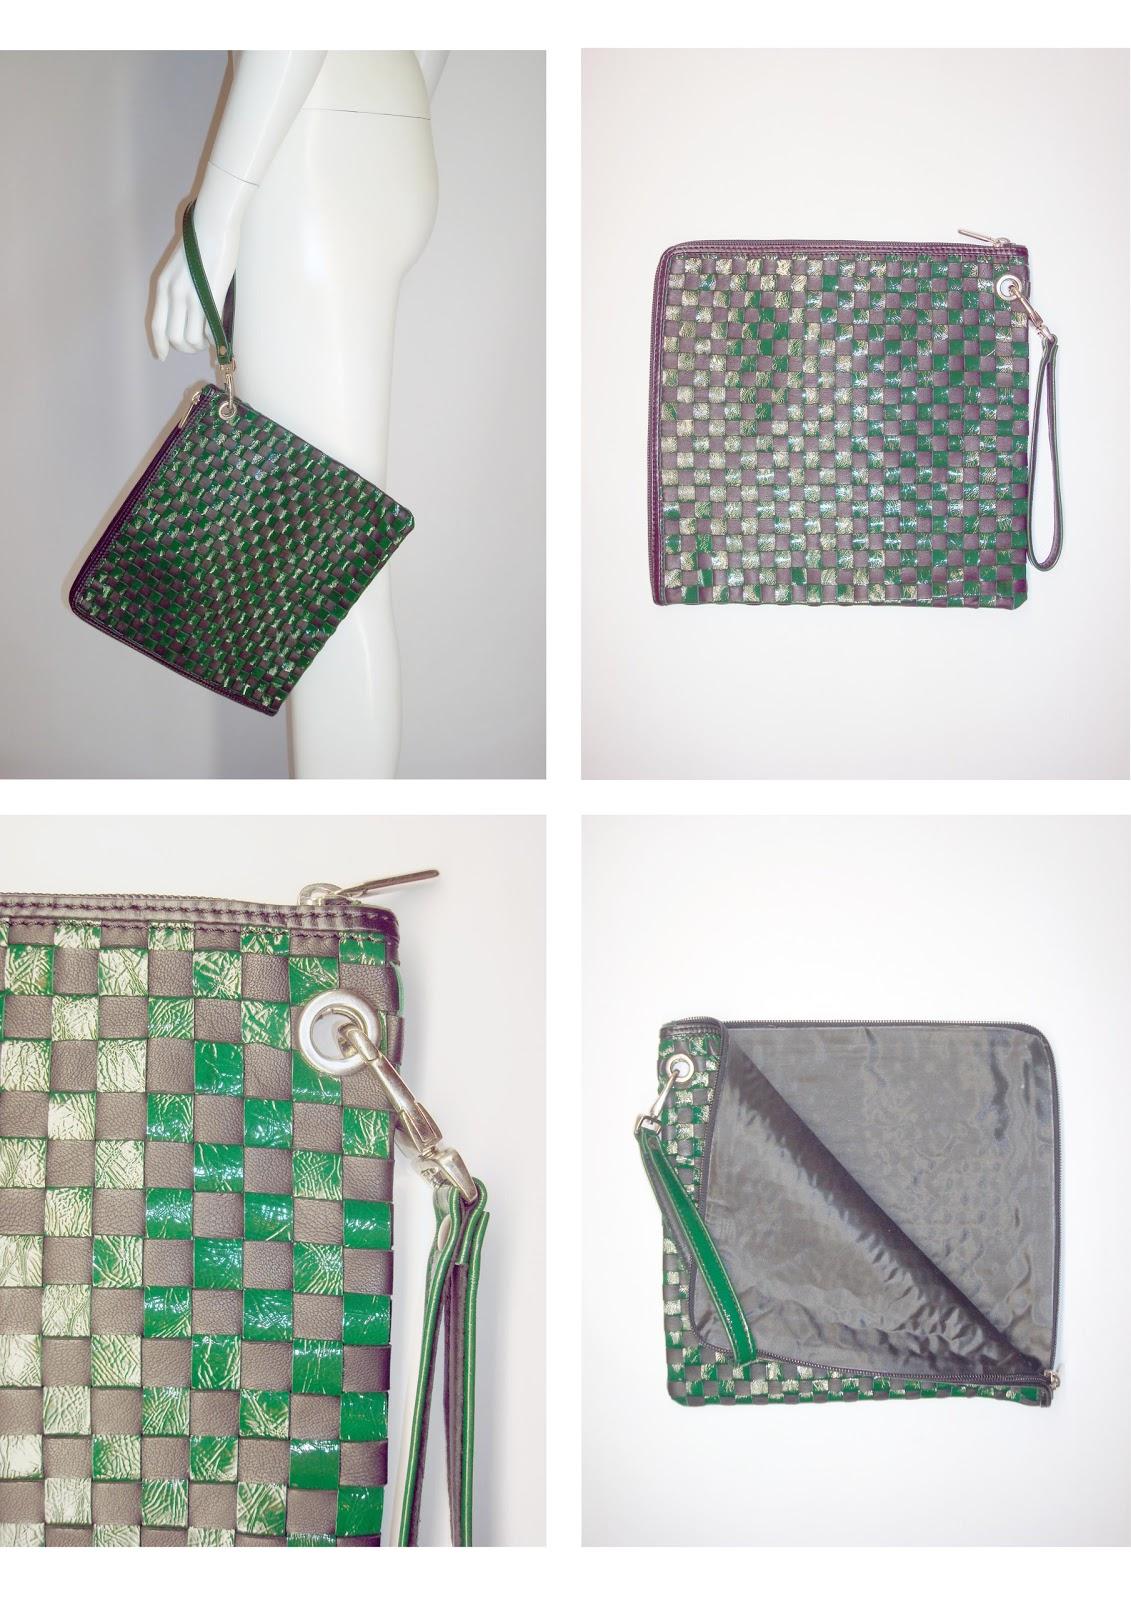 383486587c Andrea Pelleterie Artigianali: Pochette intreccio nero/verde (25x25)